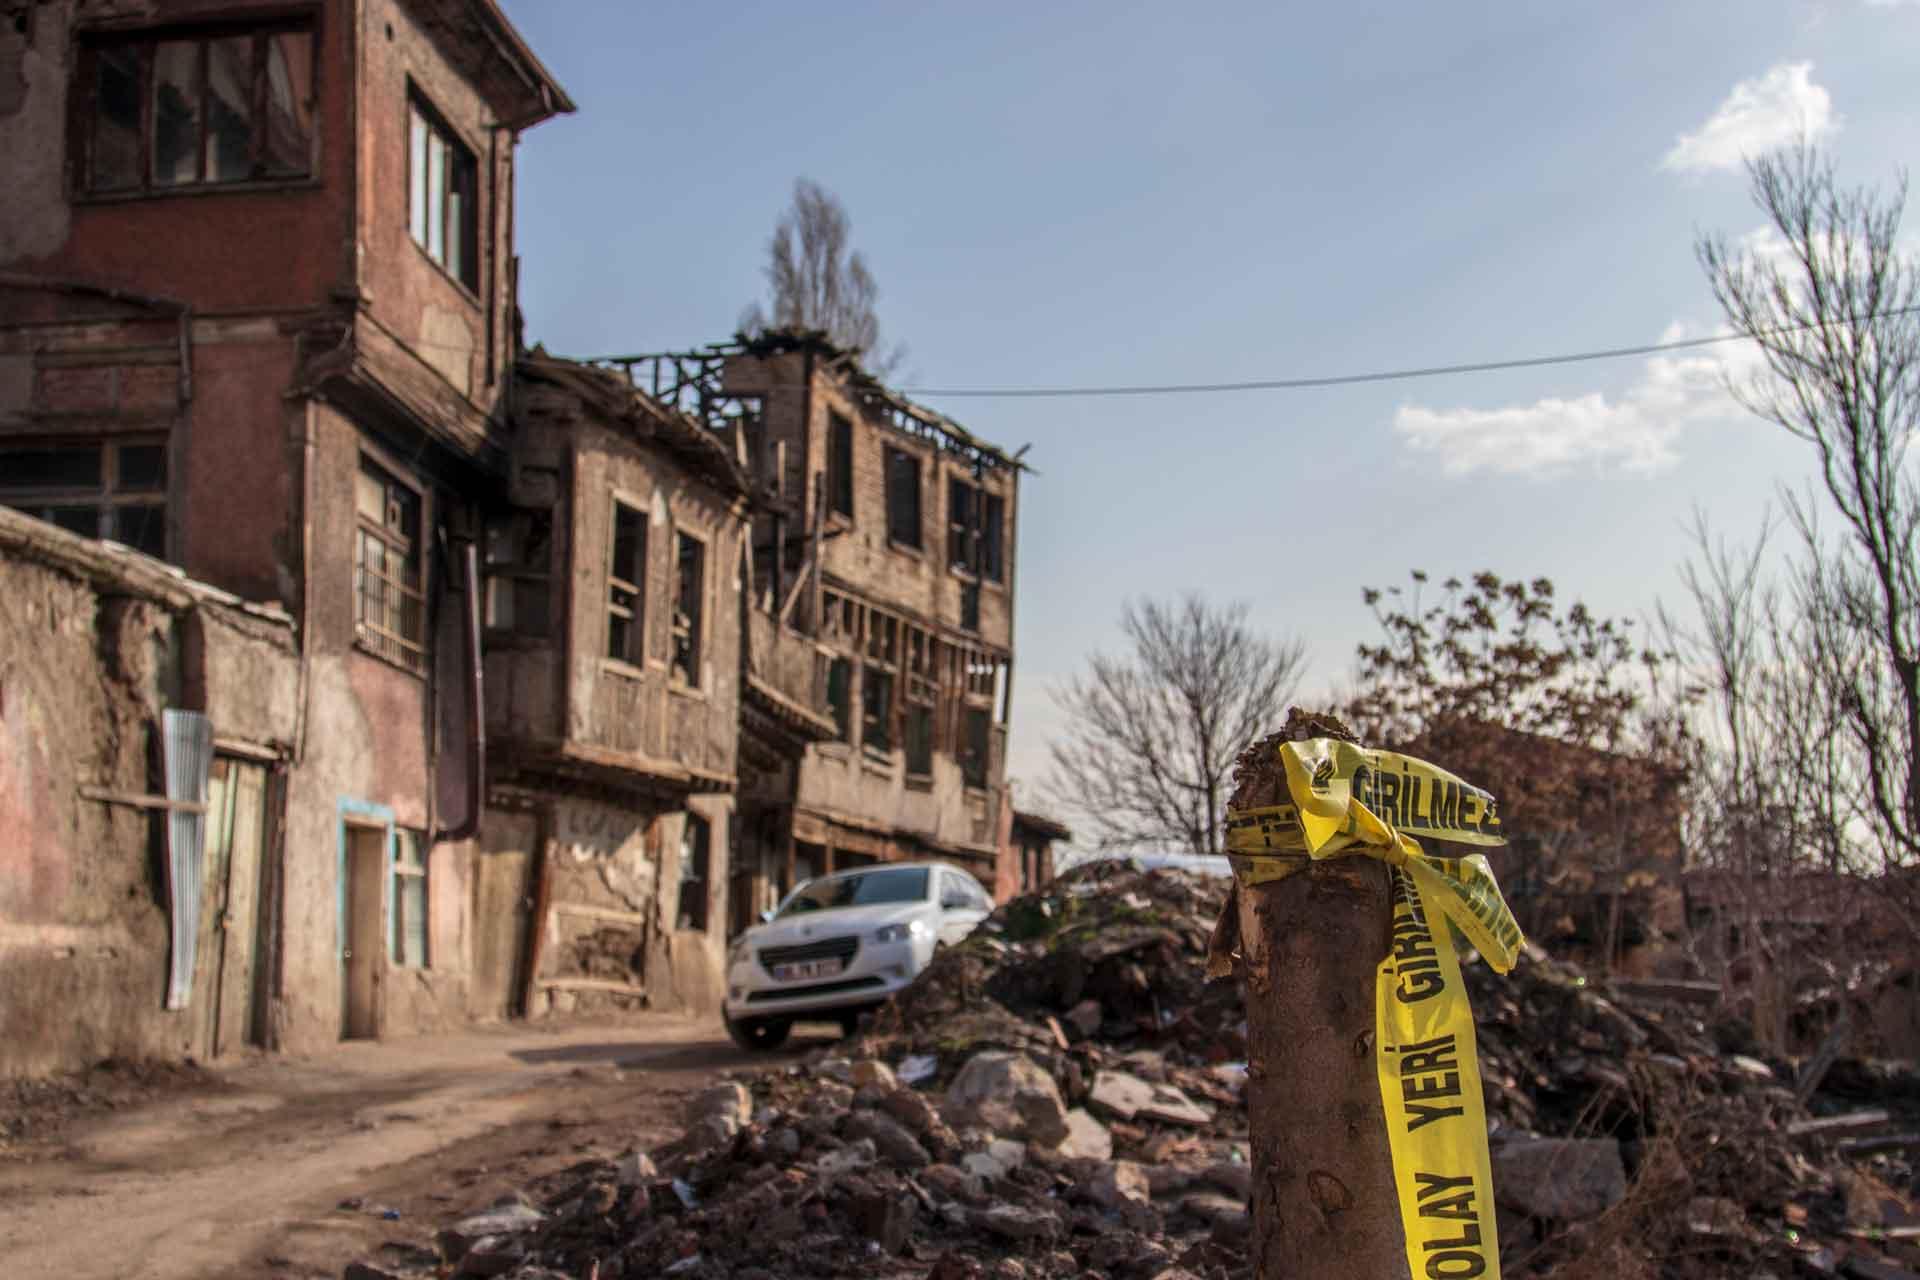 Olay Yeri Girilmez Ankara Fotoğrafları Ankara Sokakları Ankara Resimler Gezgin Fotoğrafçı Çekergezer Hakan Aydın